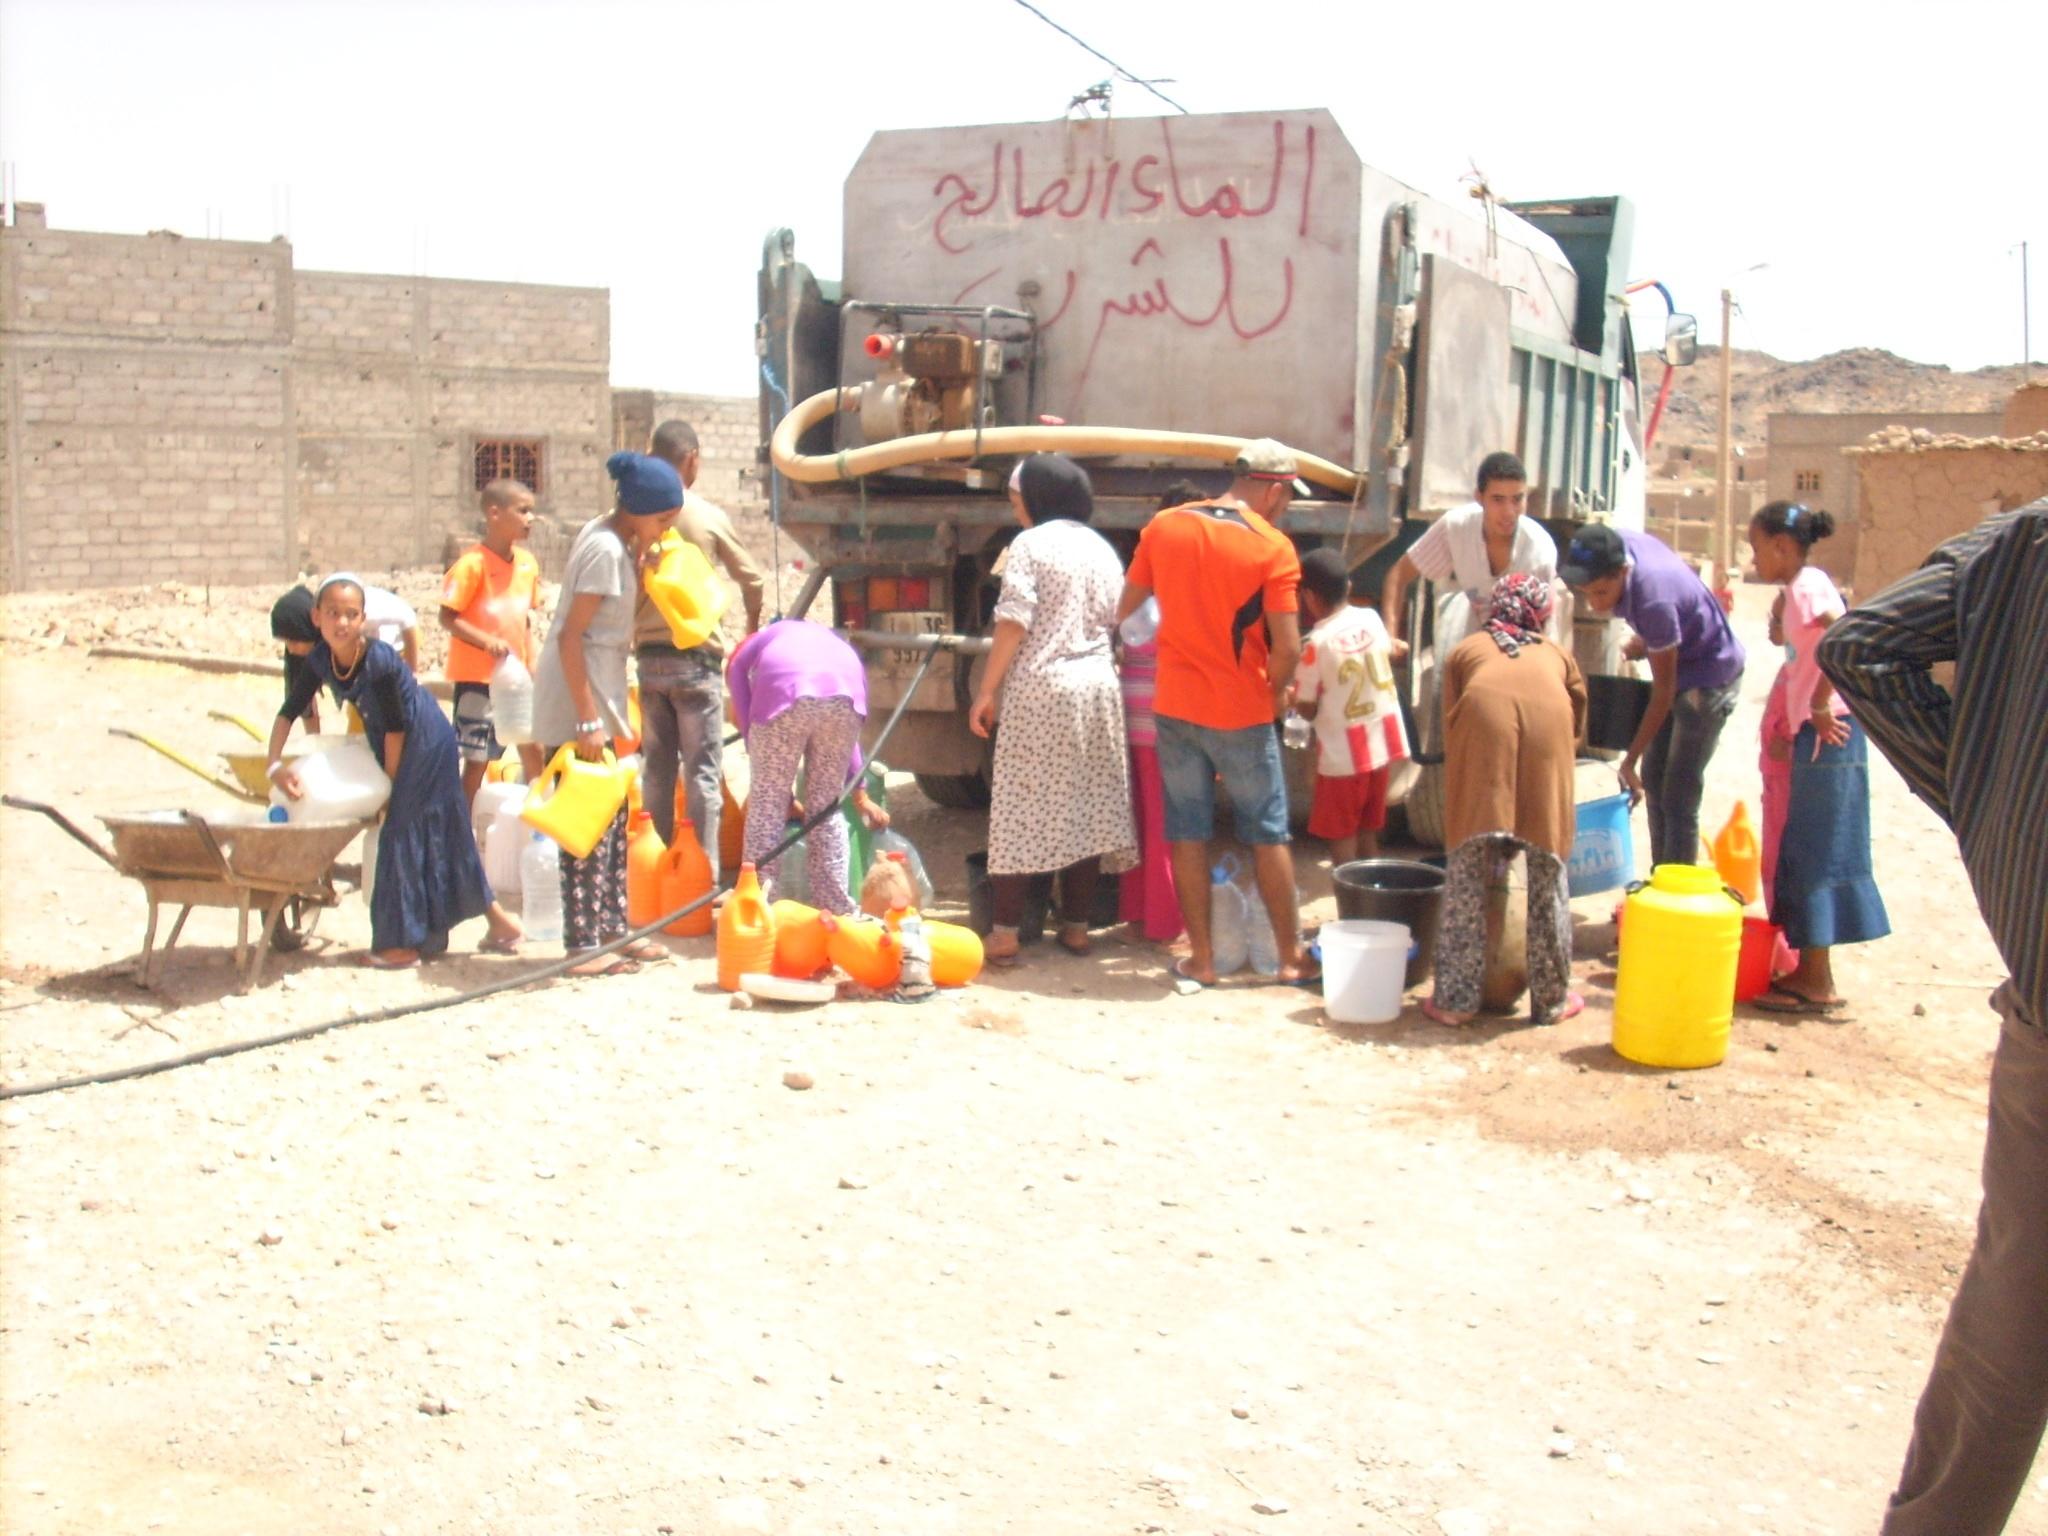 ورزازات – سكورة العطش و الجفاف يضربان بقوة قرية سيدي فلاح